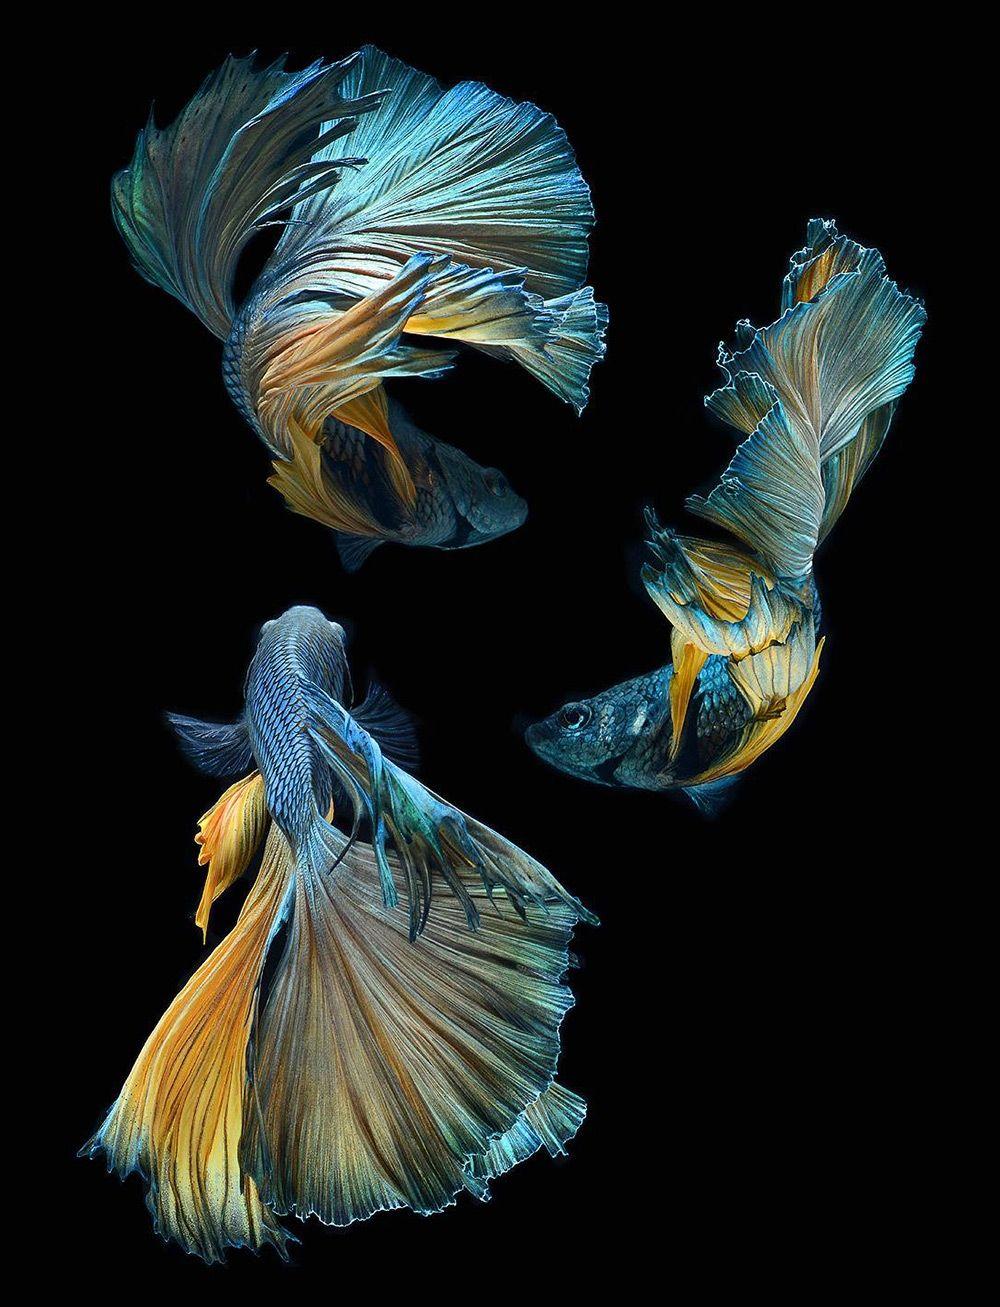 Fish Clean iPhone 6 Wallpaper